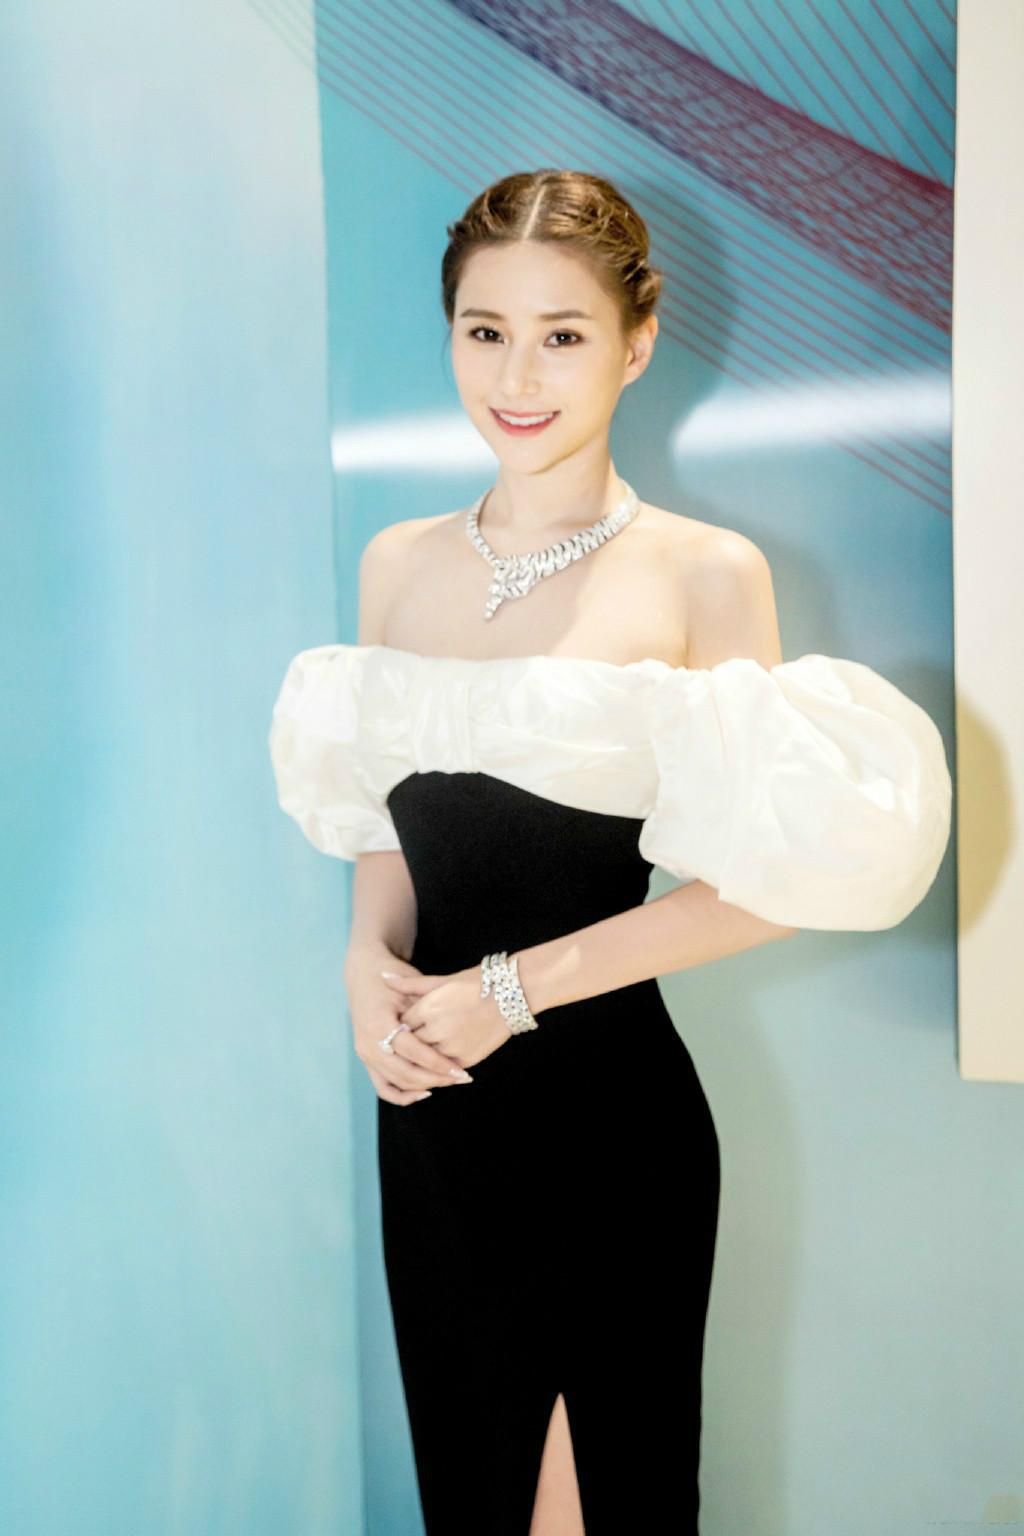 Ái nữ đẹp nhất của Vua sòng bài Macau: Sắc vóc ưu tú vạn người si mê, thuở nhỏ không biết danh tính thật sự của bố ruột - Ảnh 1